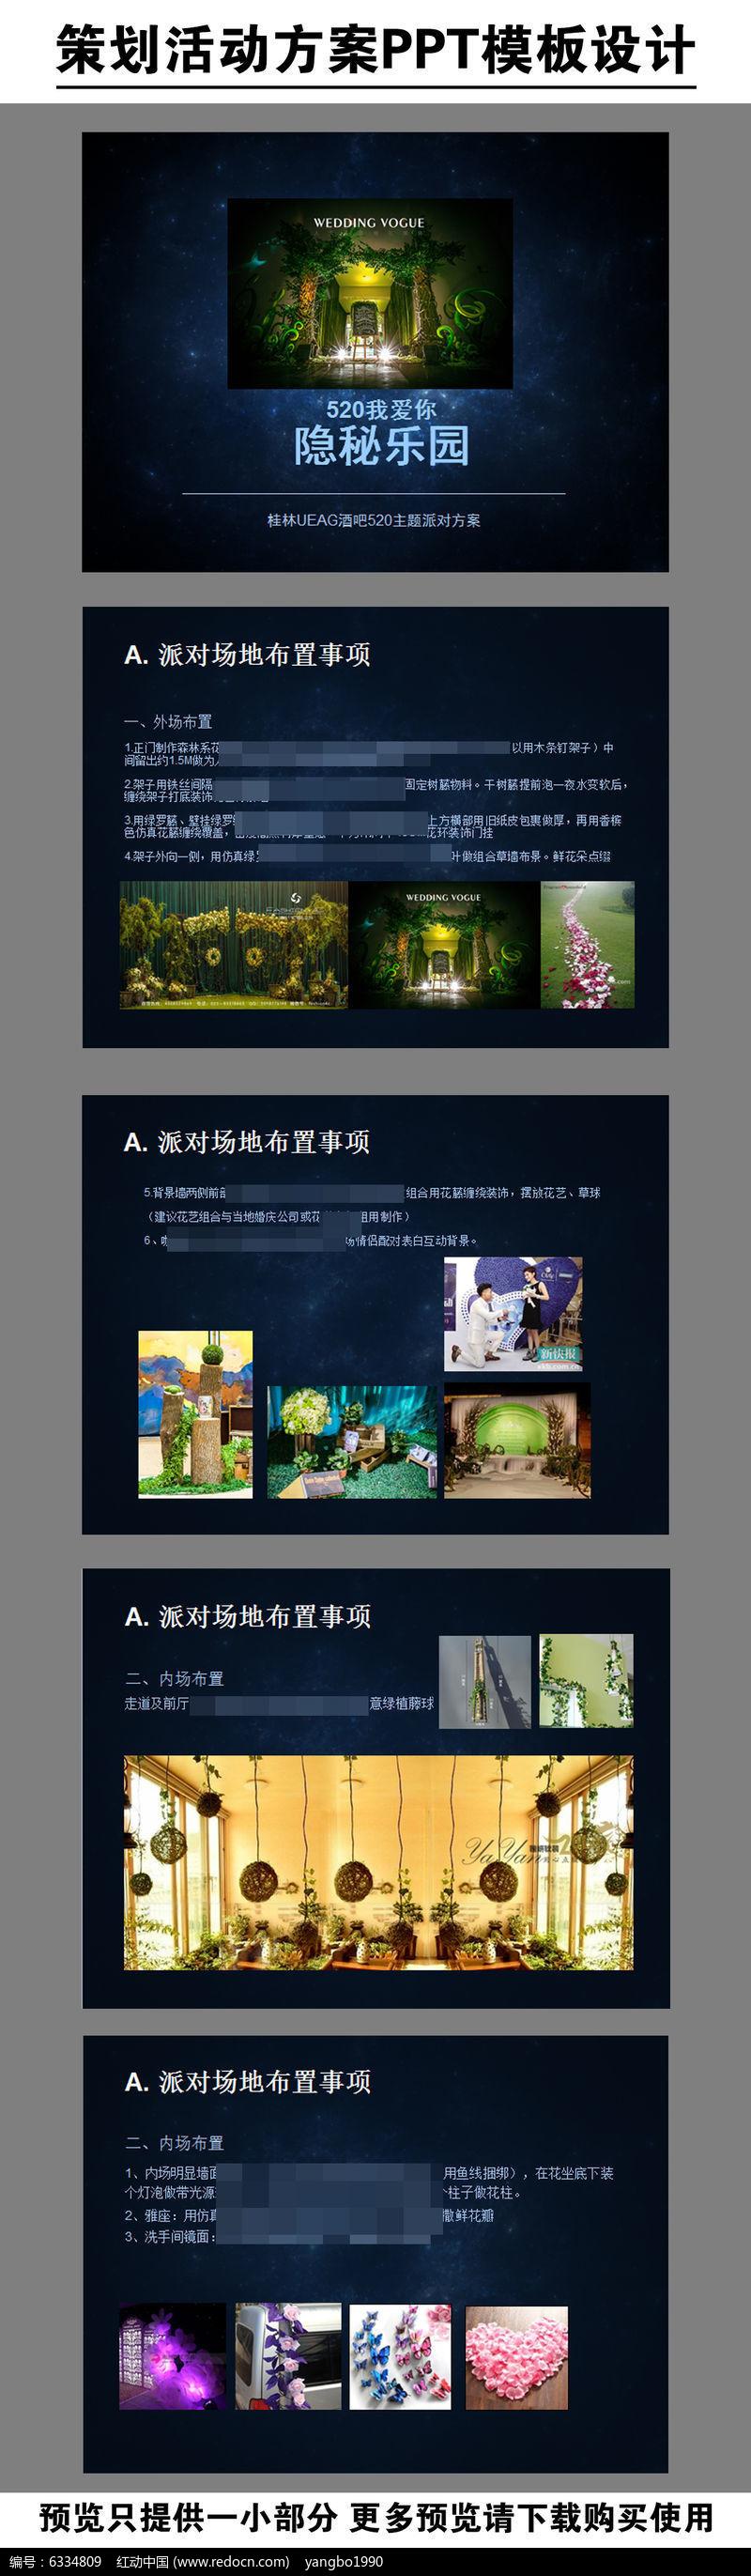 绿色丛林520商场酒吧情人节活动策划方案模板下载图片